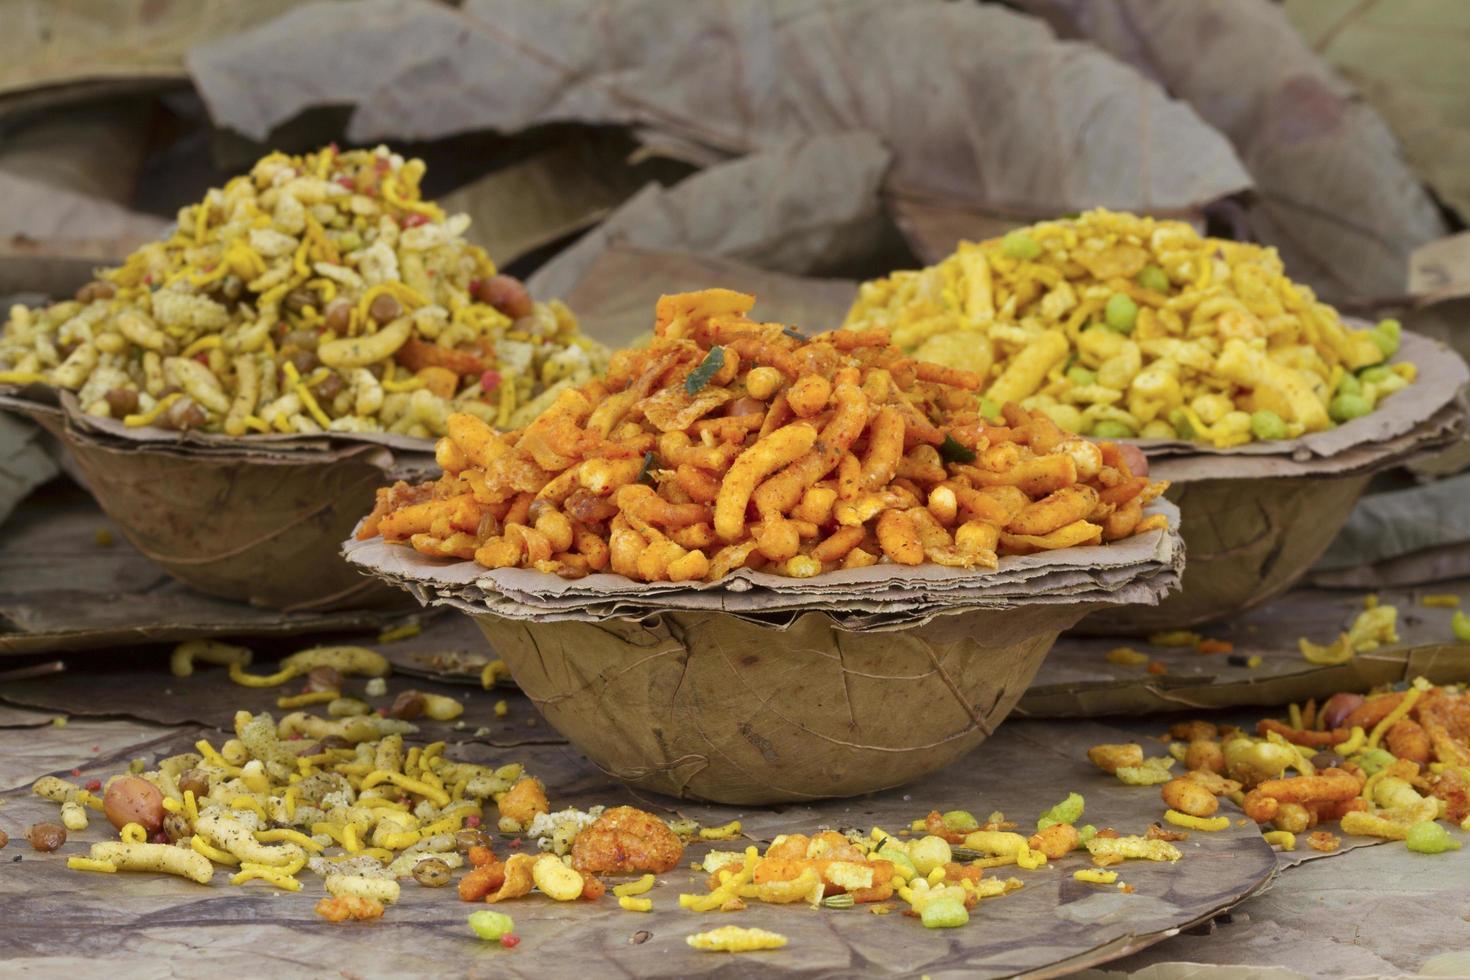 rajasthani mix Namkeen, indisk mat foto